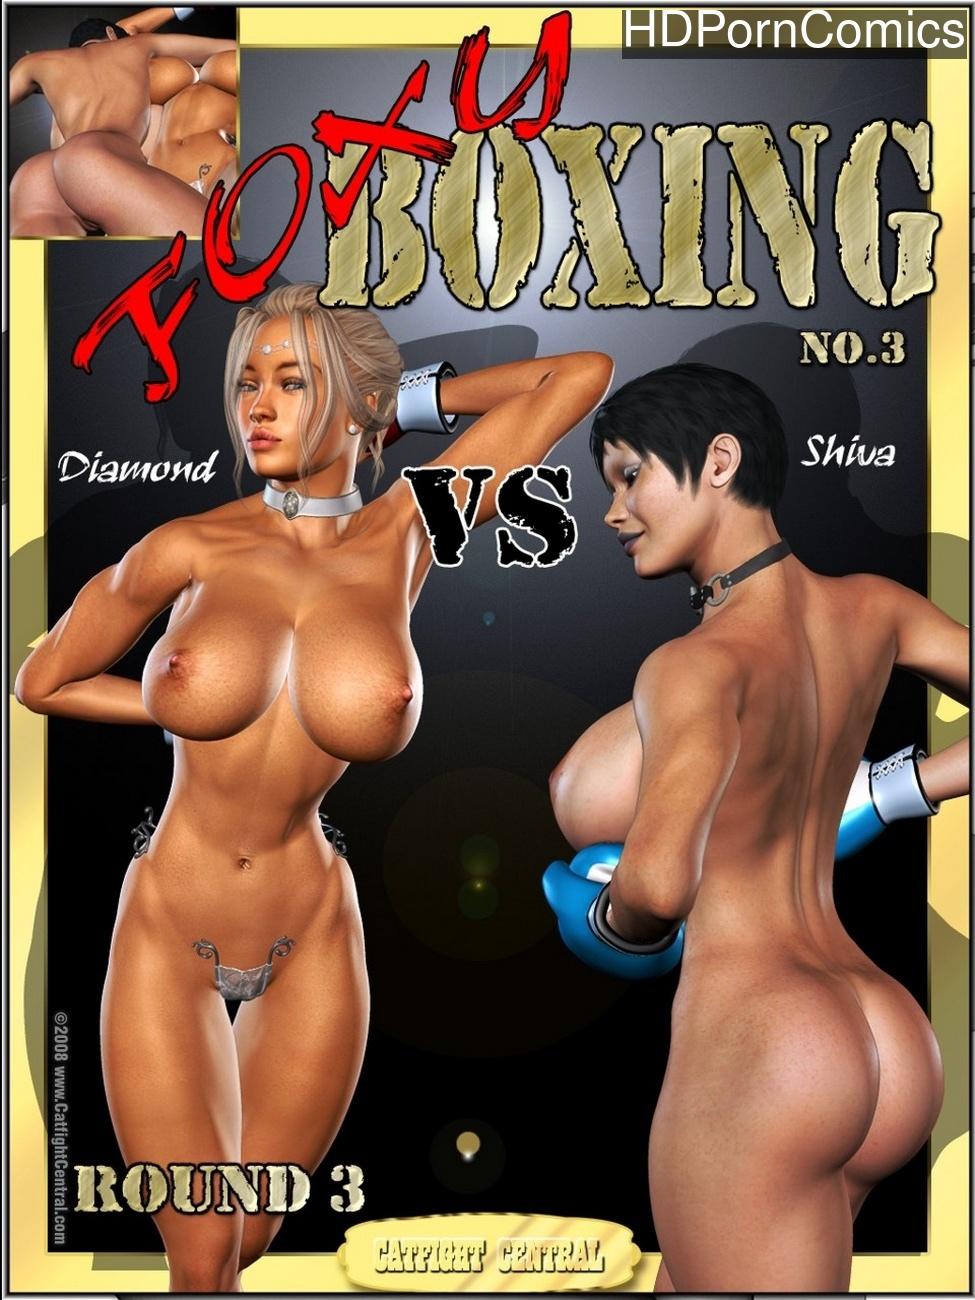 Foxy Boxing 3 – Diamond Vs Shiva – Round 3 comic porn